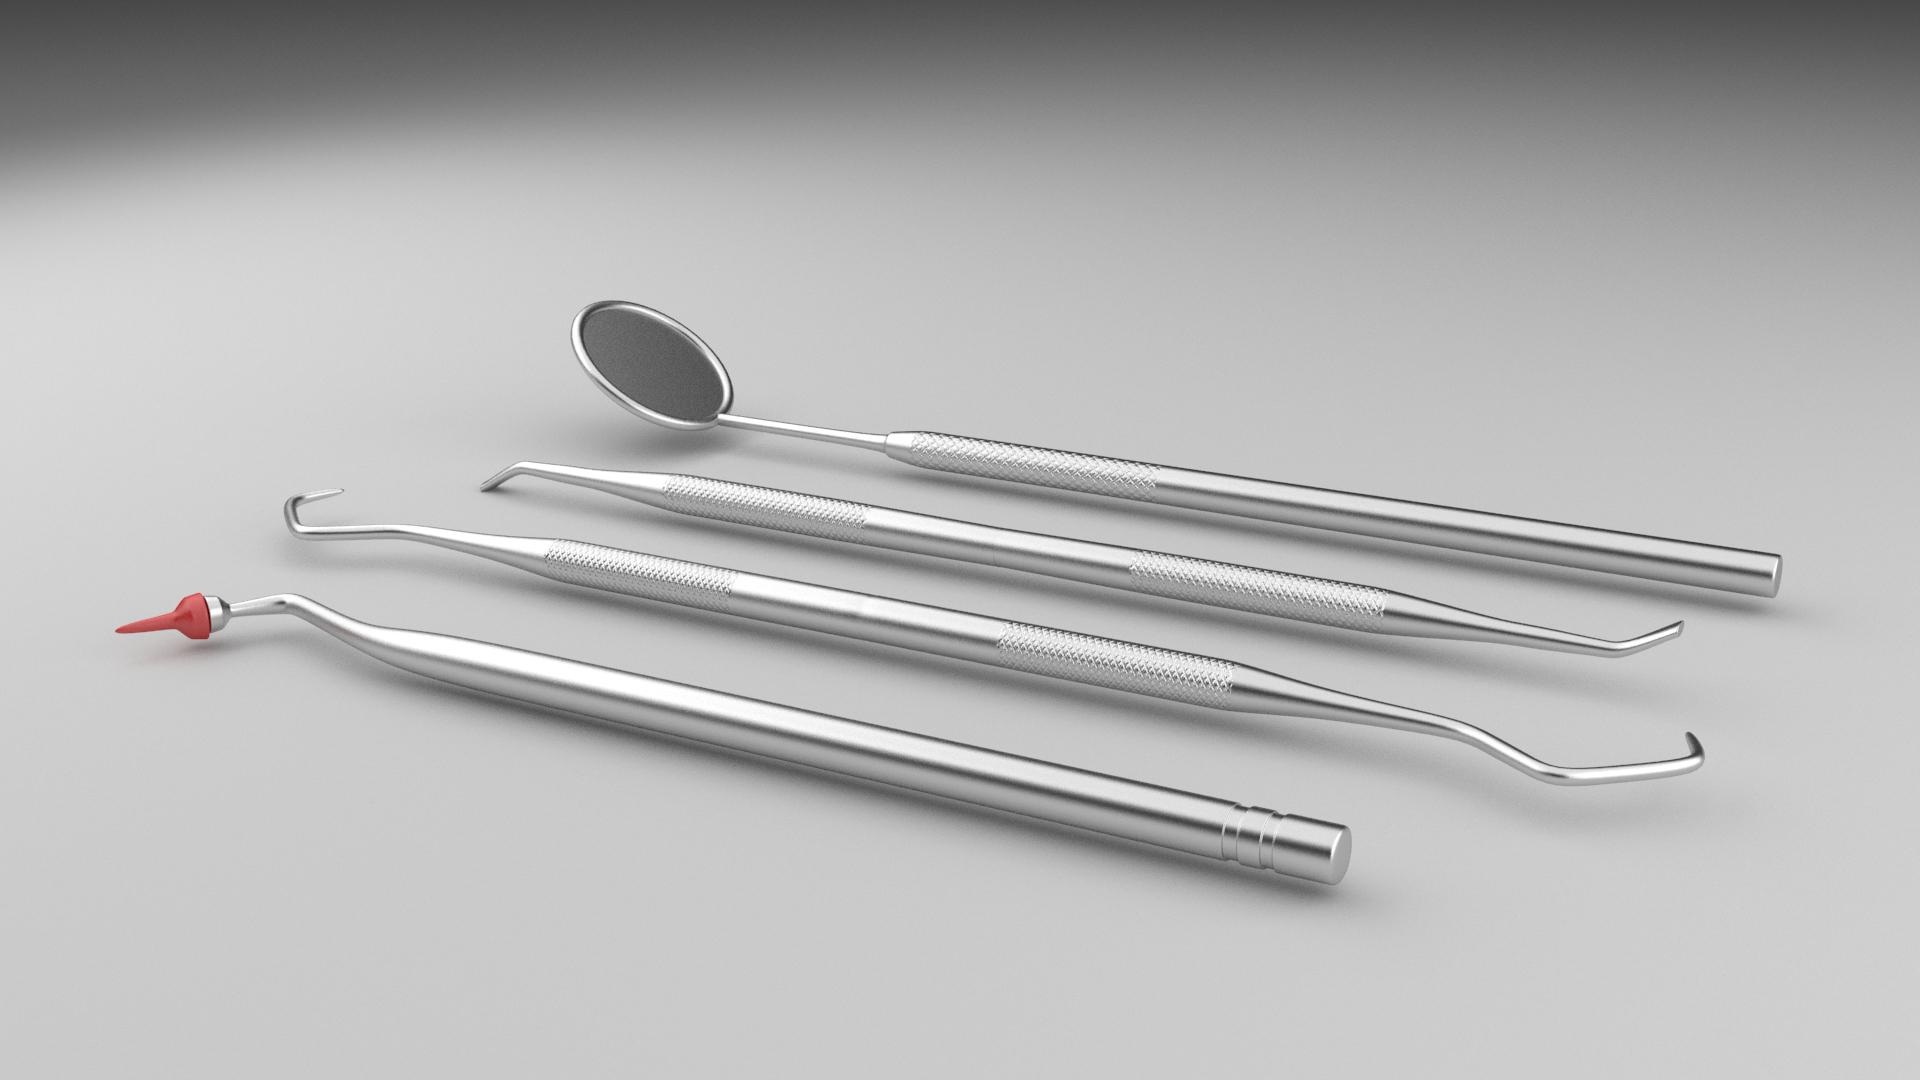 3D Dental Tools